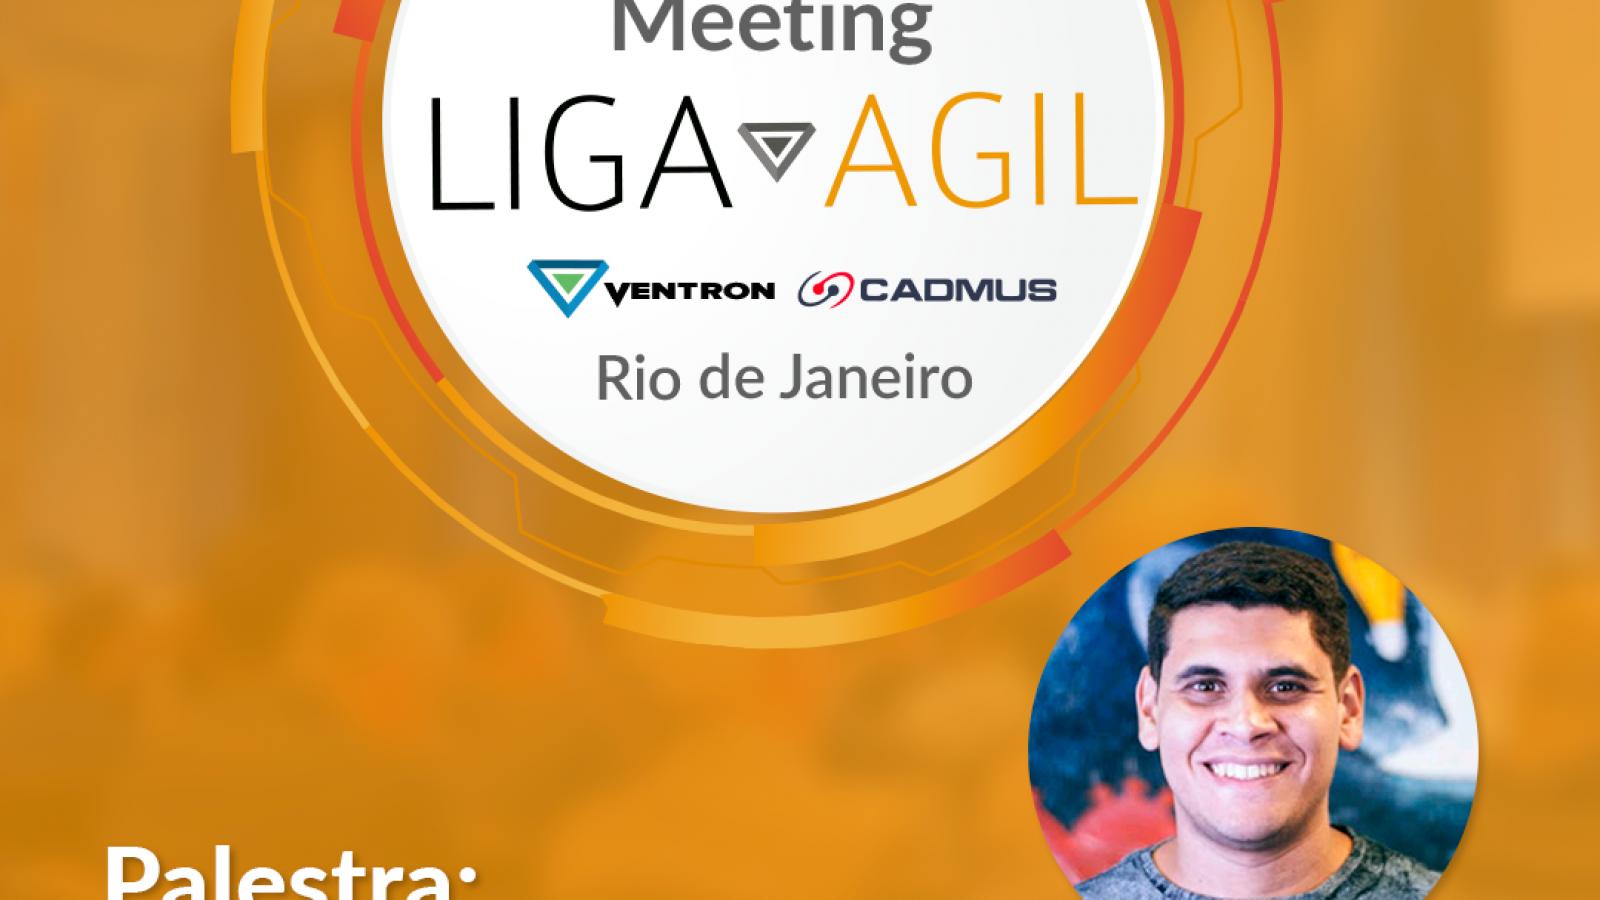 Práticas DevOps - Agile Leaders Meeting